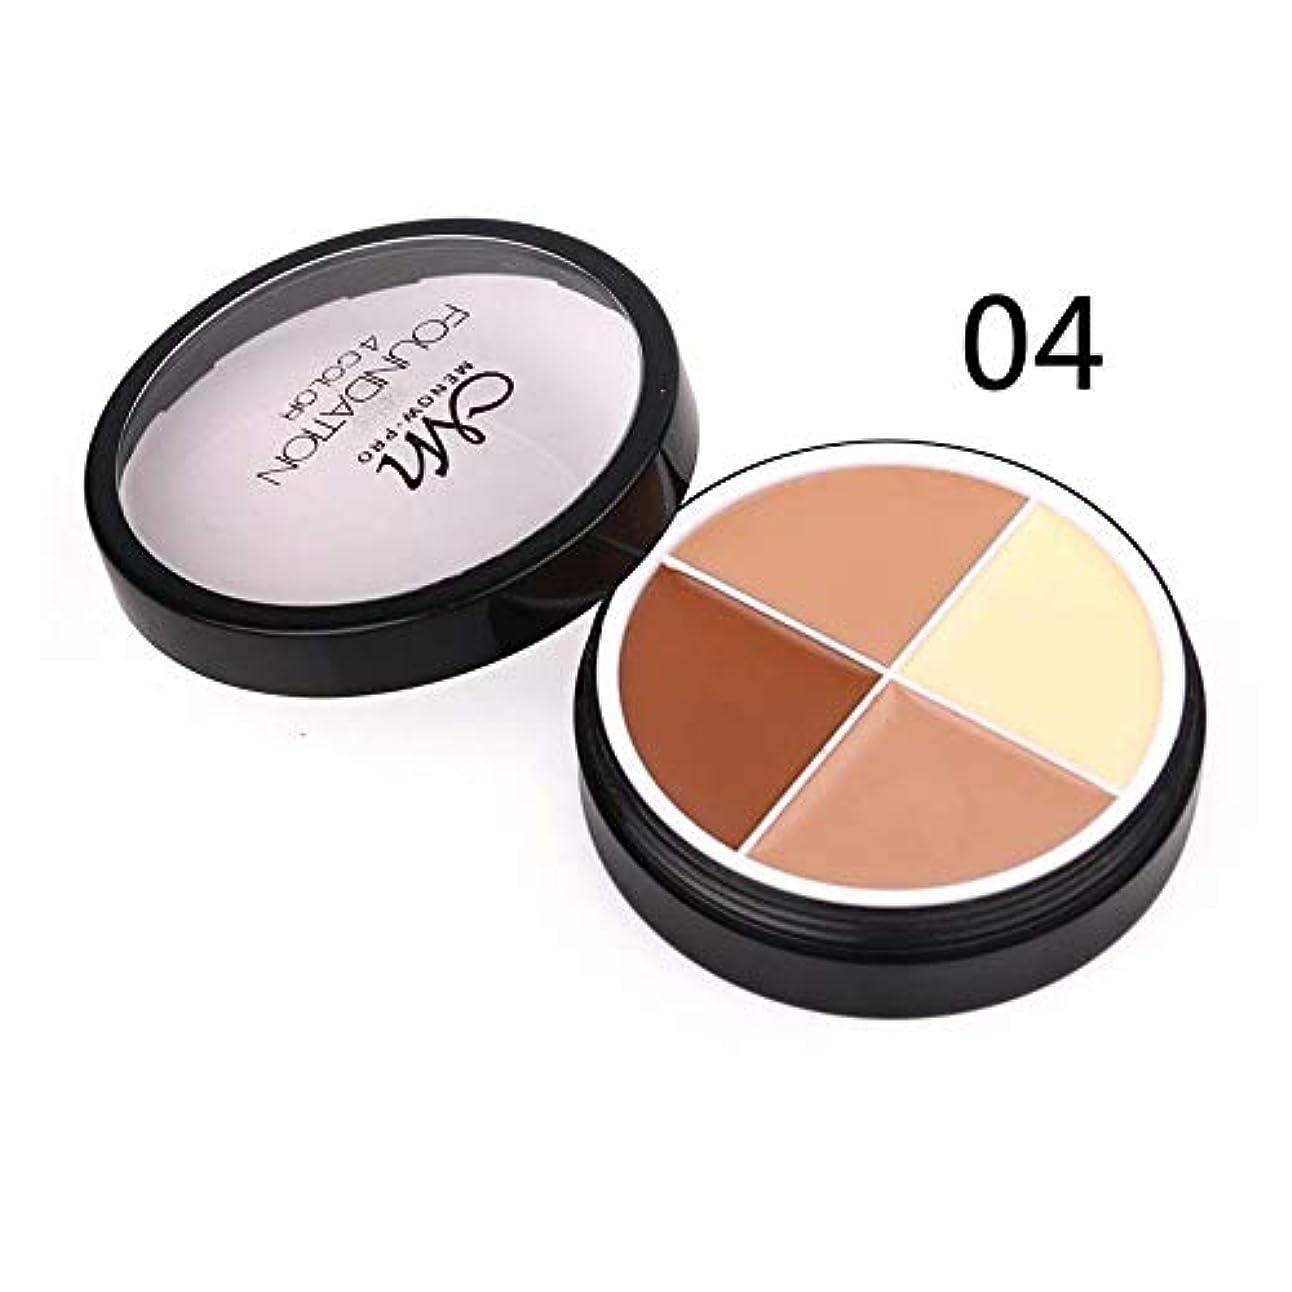 相反する次内部Eye Shadow 4色のアイシャドーマット多色セットアイメーク舞台アイシャドウ (04)